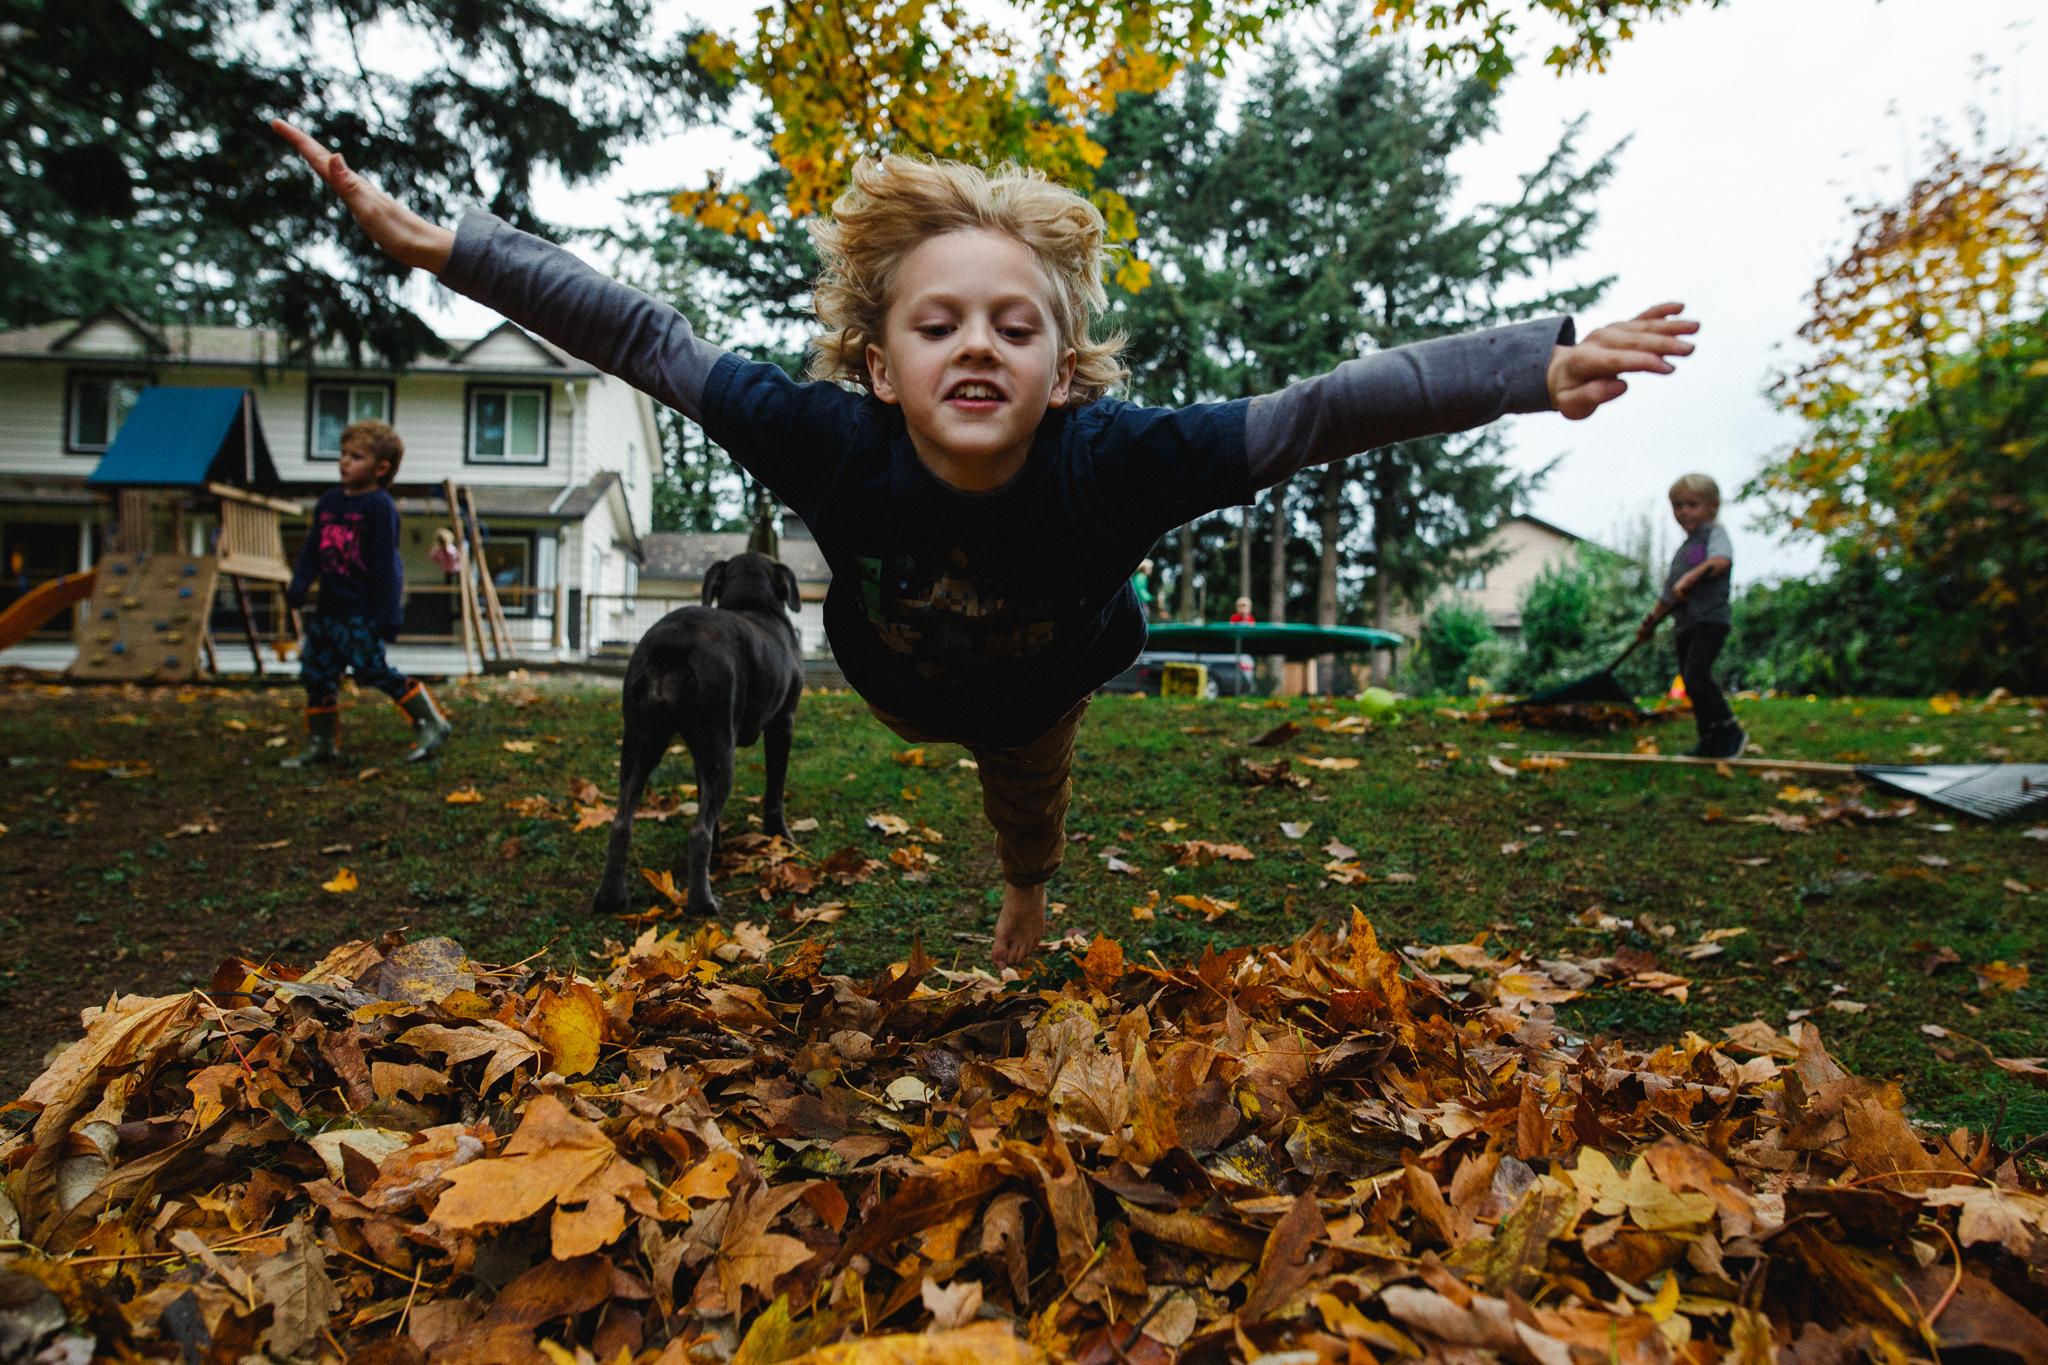 wyatt jumping in leaves (1 of 1).jpg